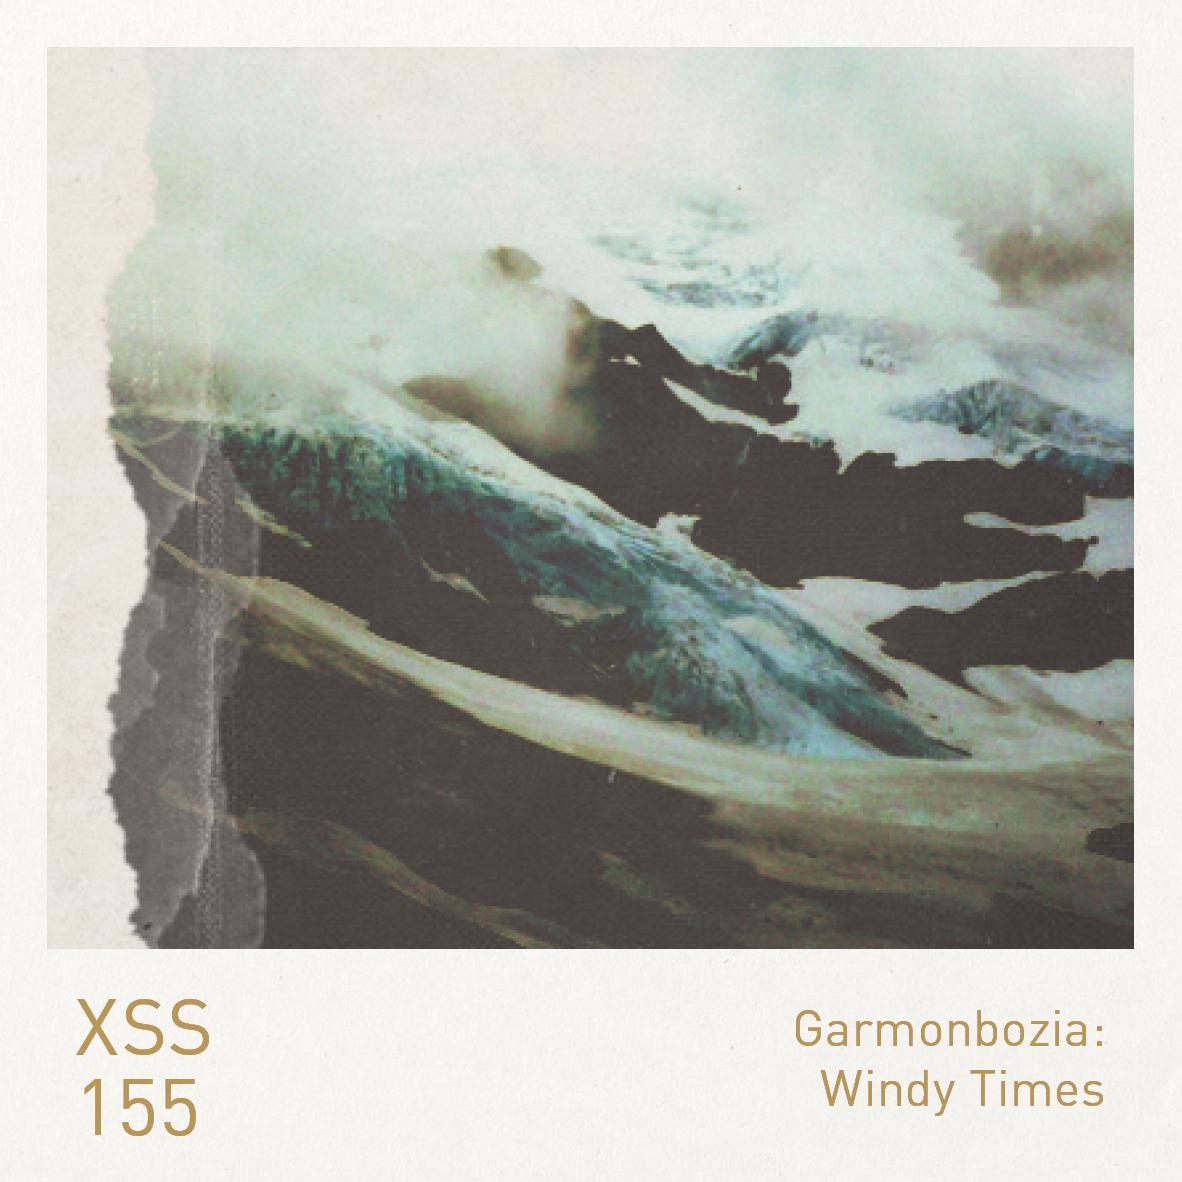 XSS155 | Garmonbozia | Windy Times